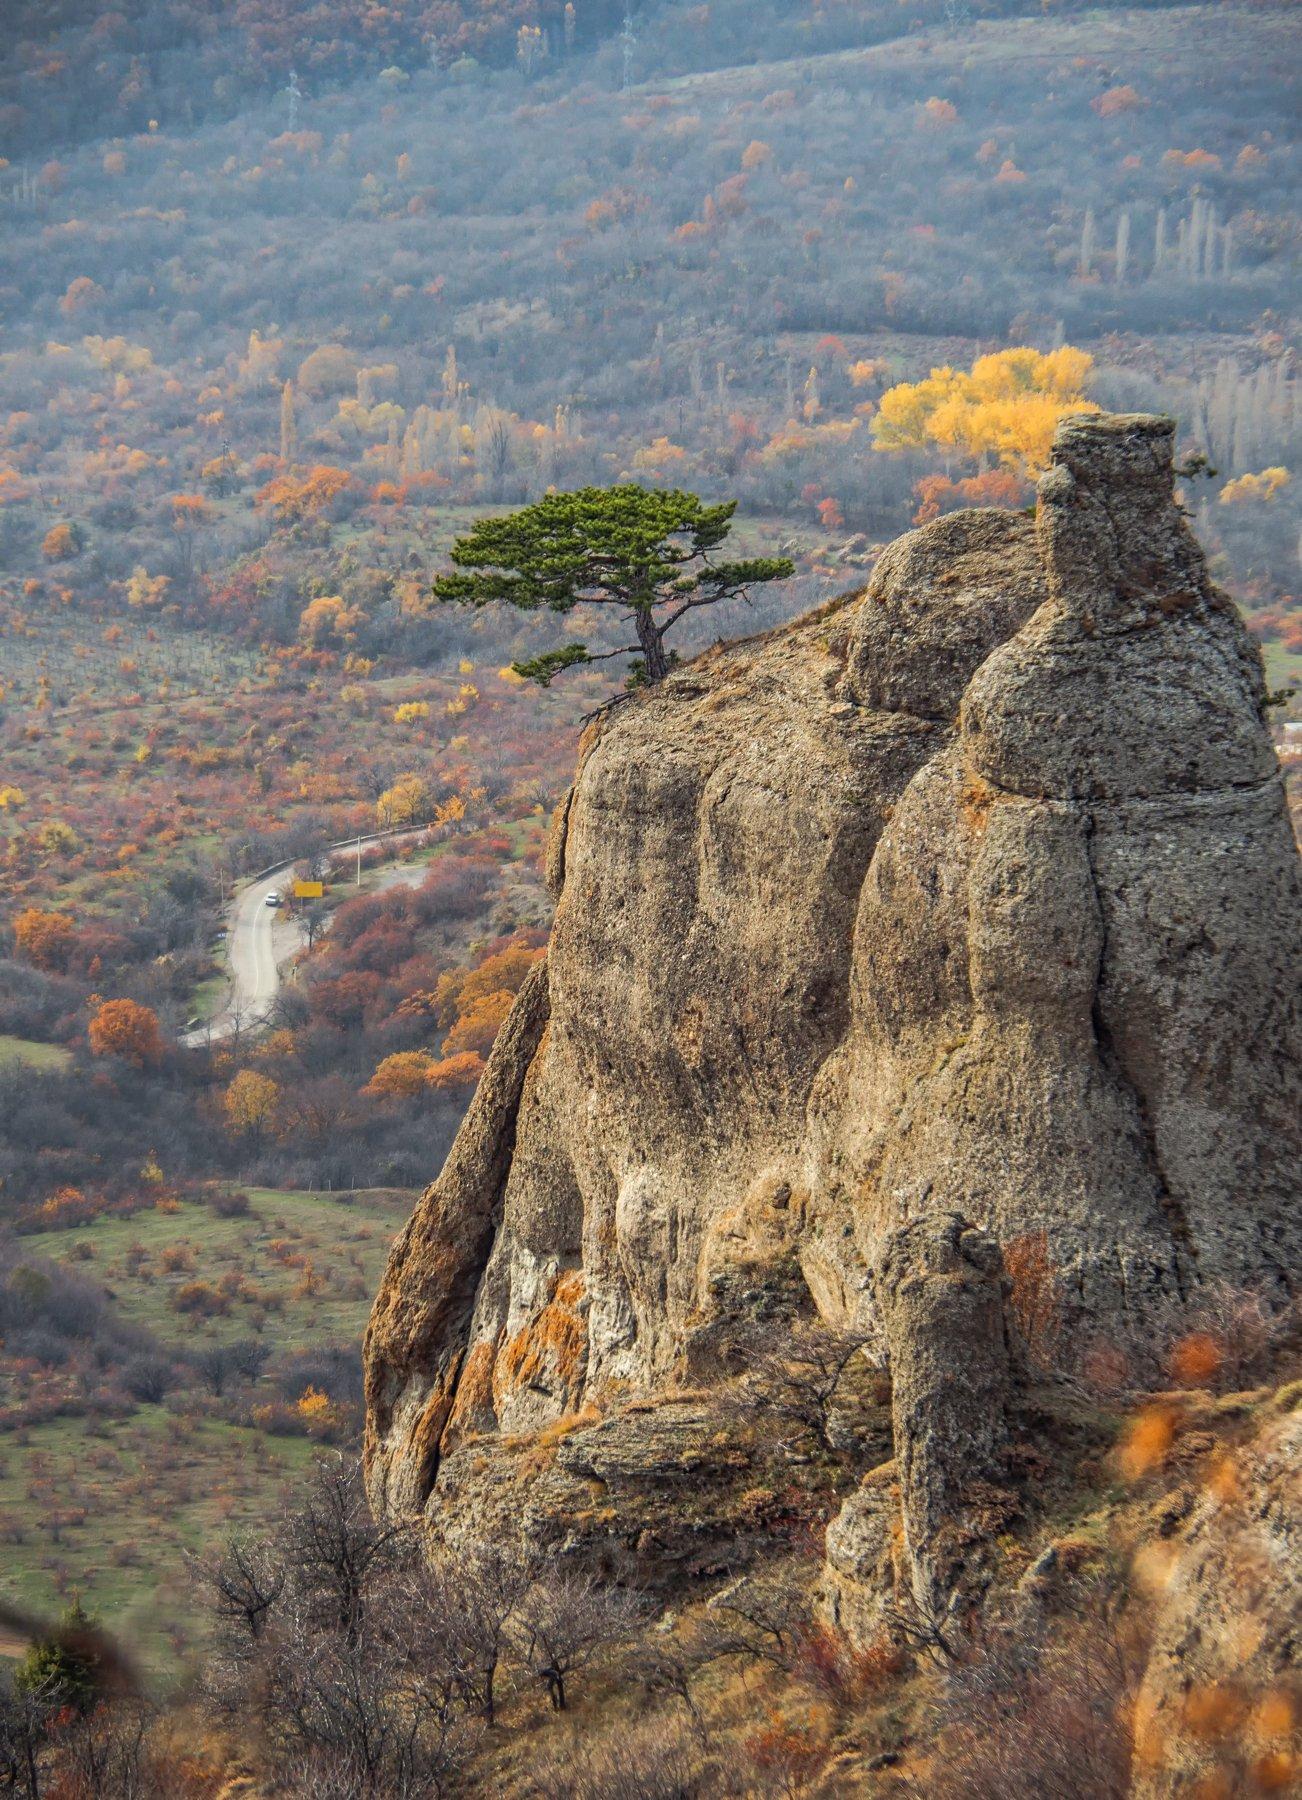 крым,демерджи,осень,золотой,желтый,зеленый,сосна,скала,гора,россия,пейзаж,высота,деревья,закат,природа, Elena Pakhalyuk